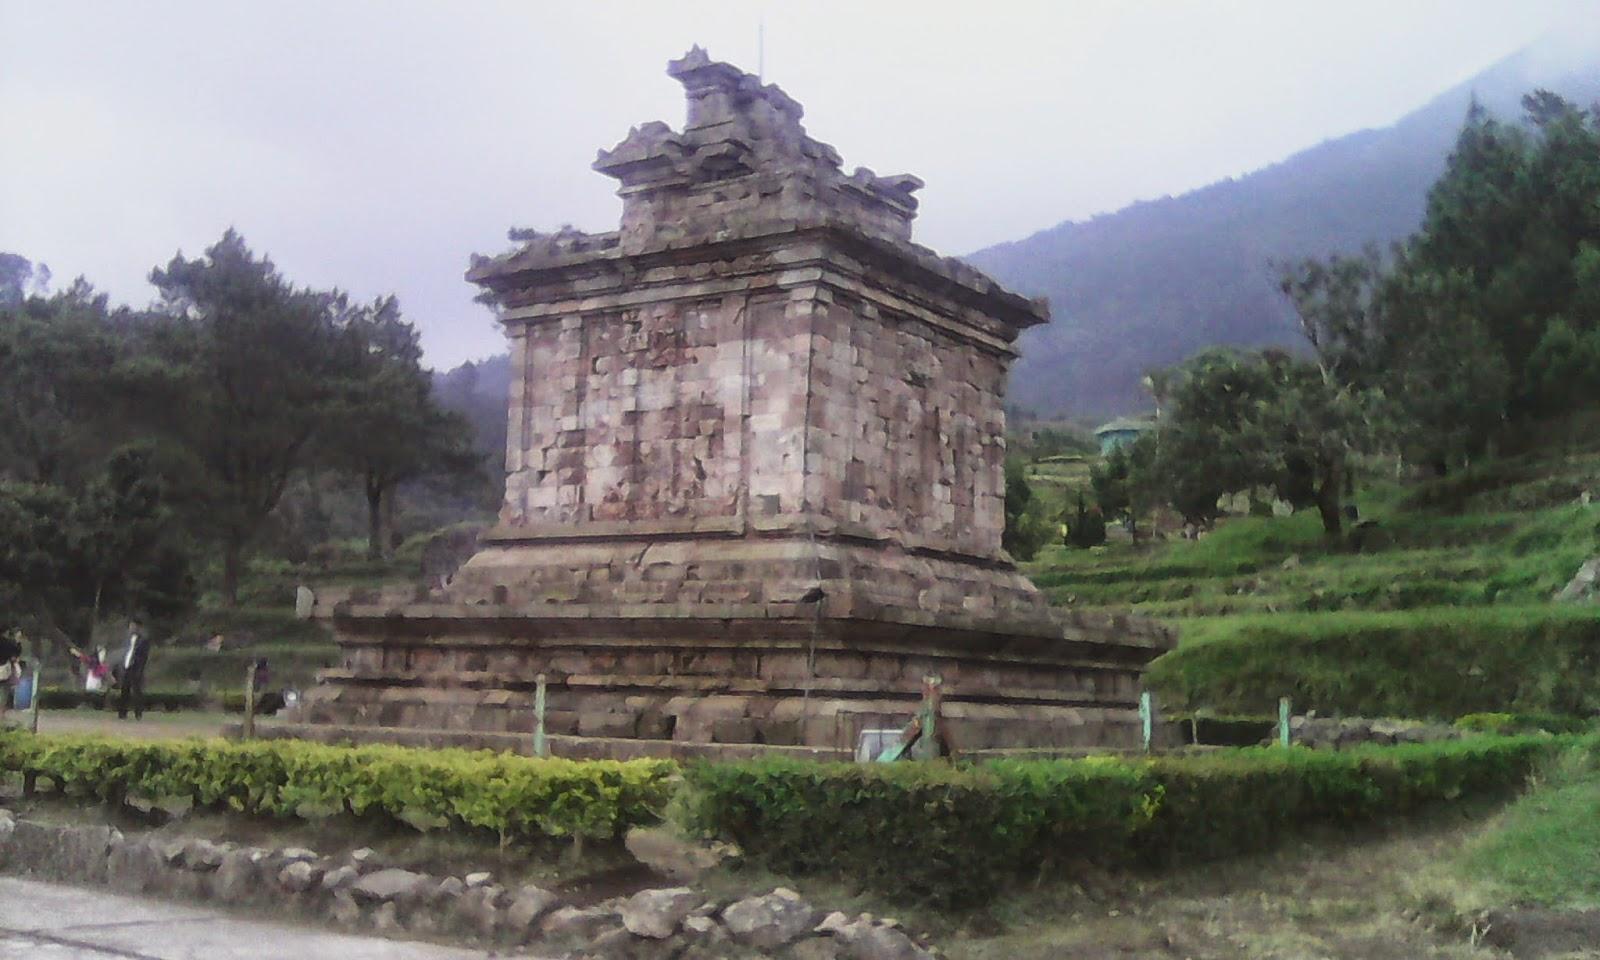 Jalan-jalan ke Candi Gedong songo di Kabupaten Semarang